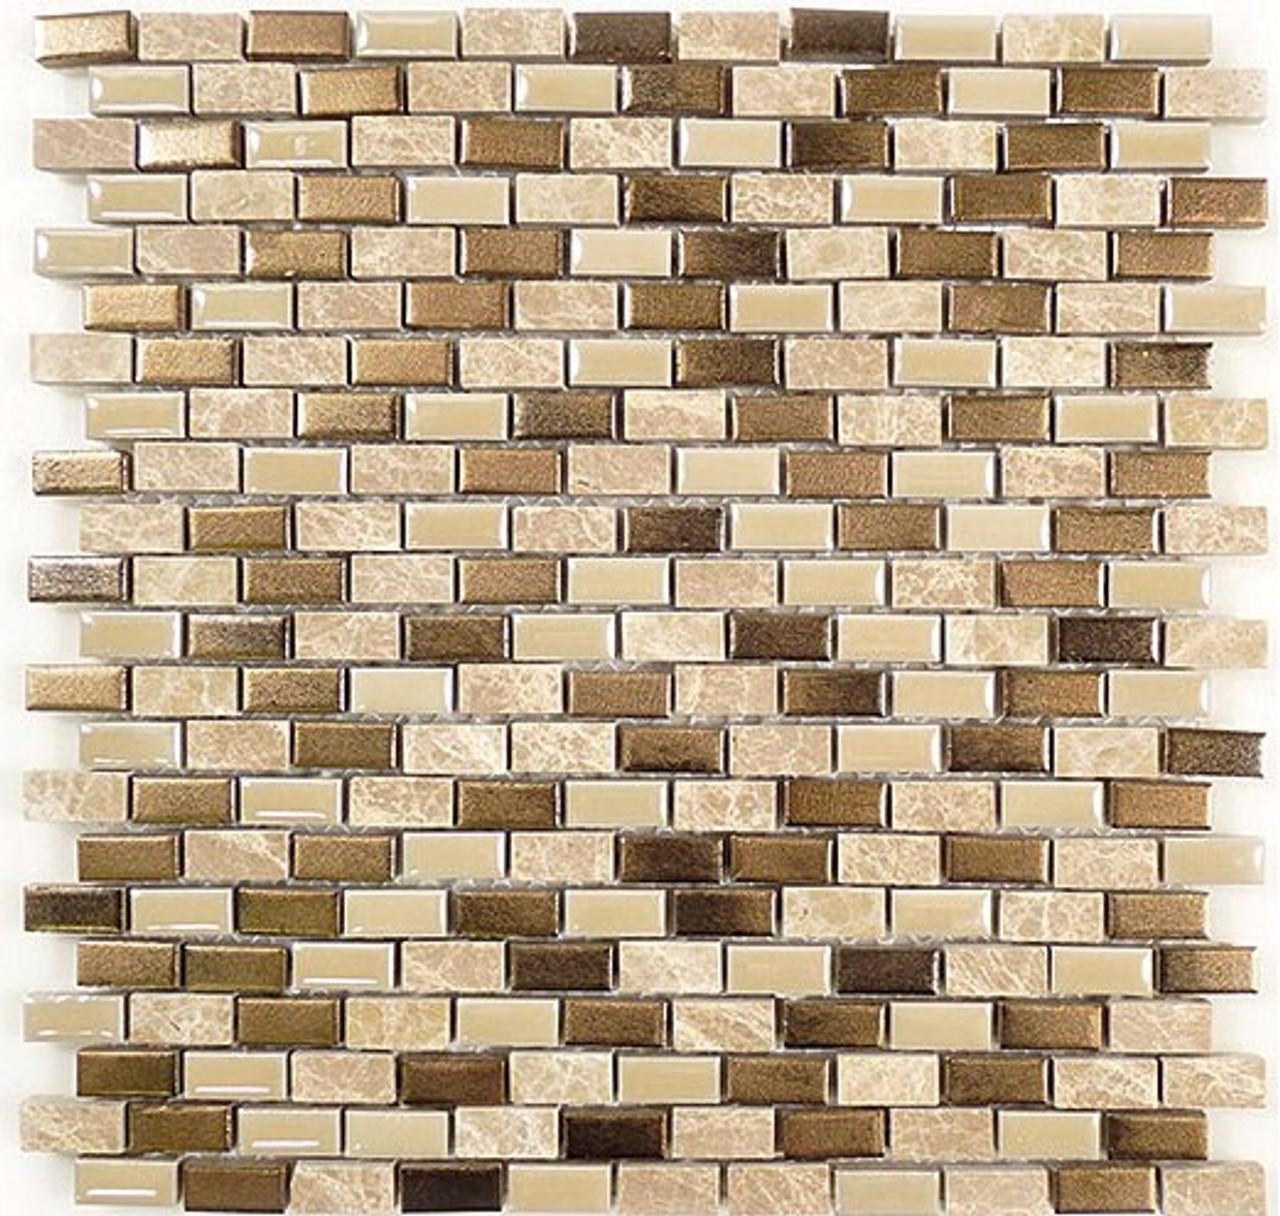 Bella Glass Tiles Porcello Series Golden Ocher